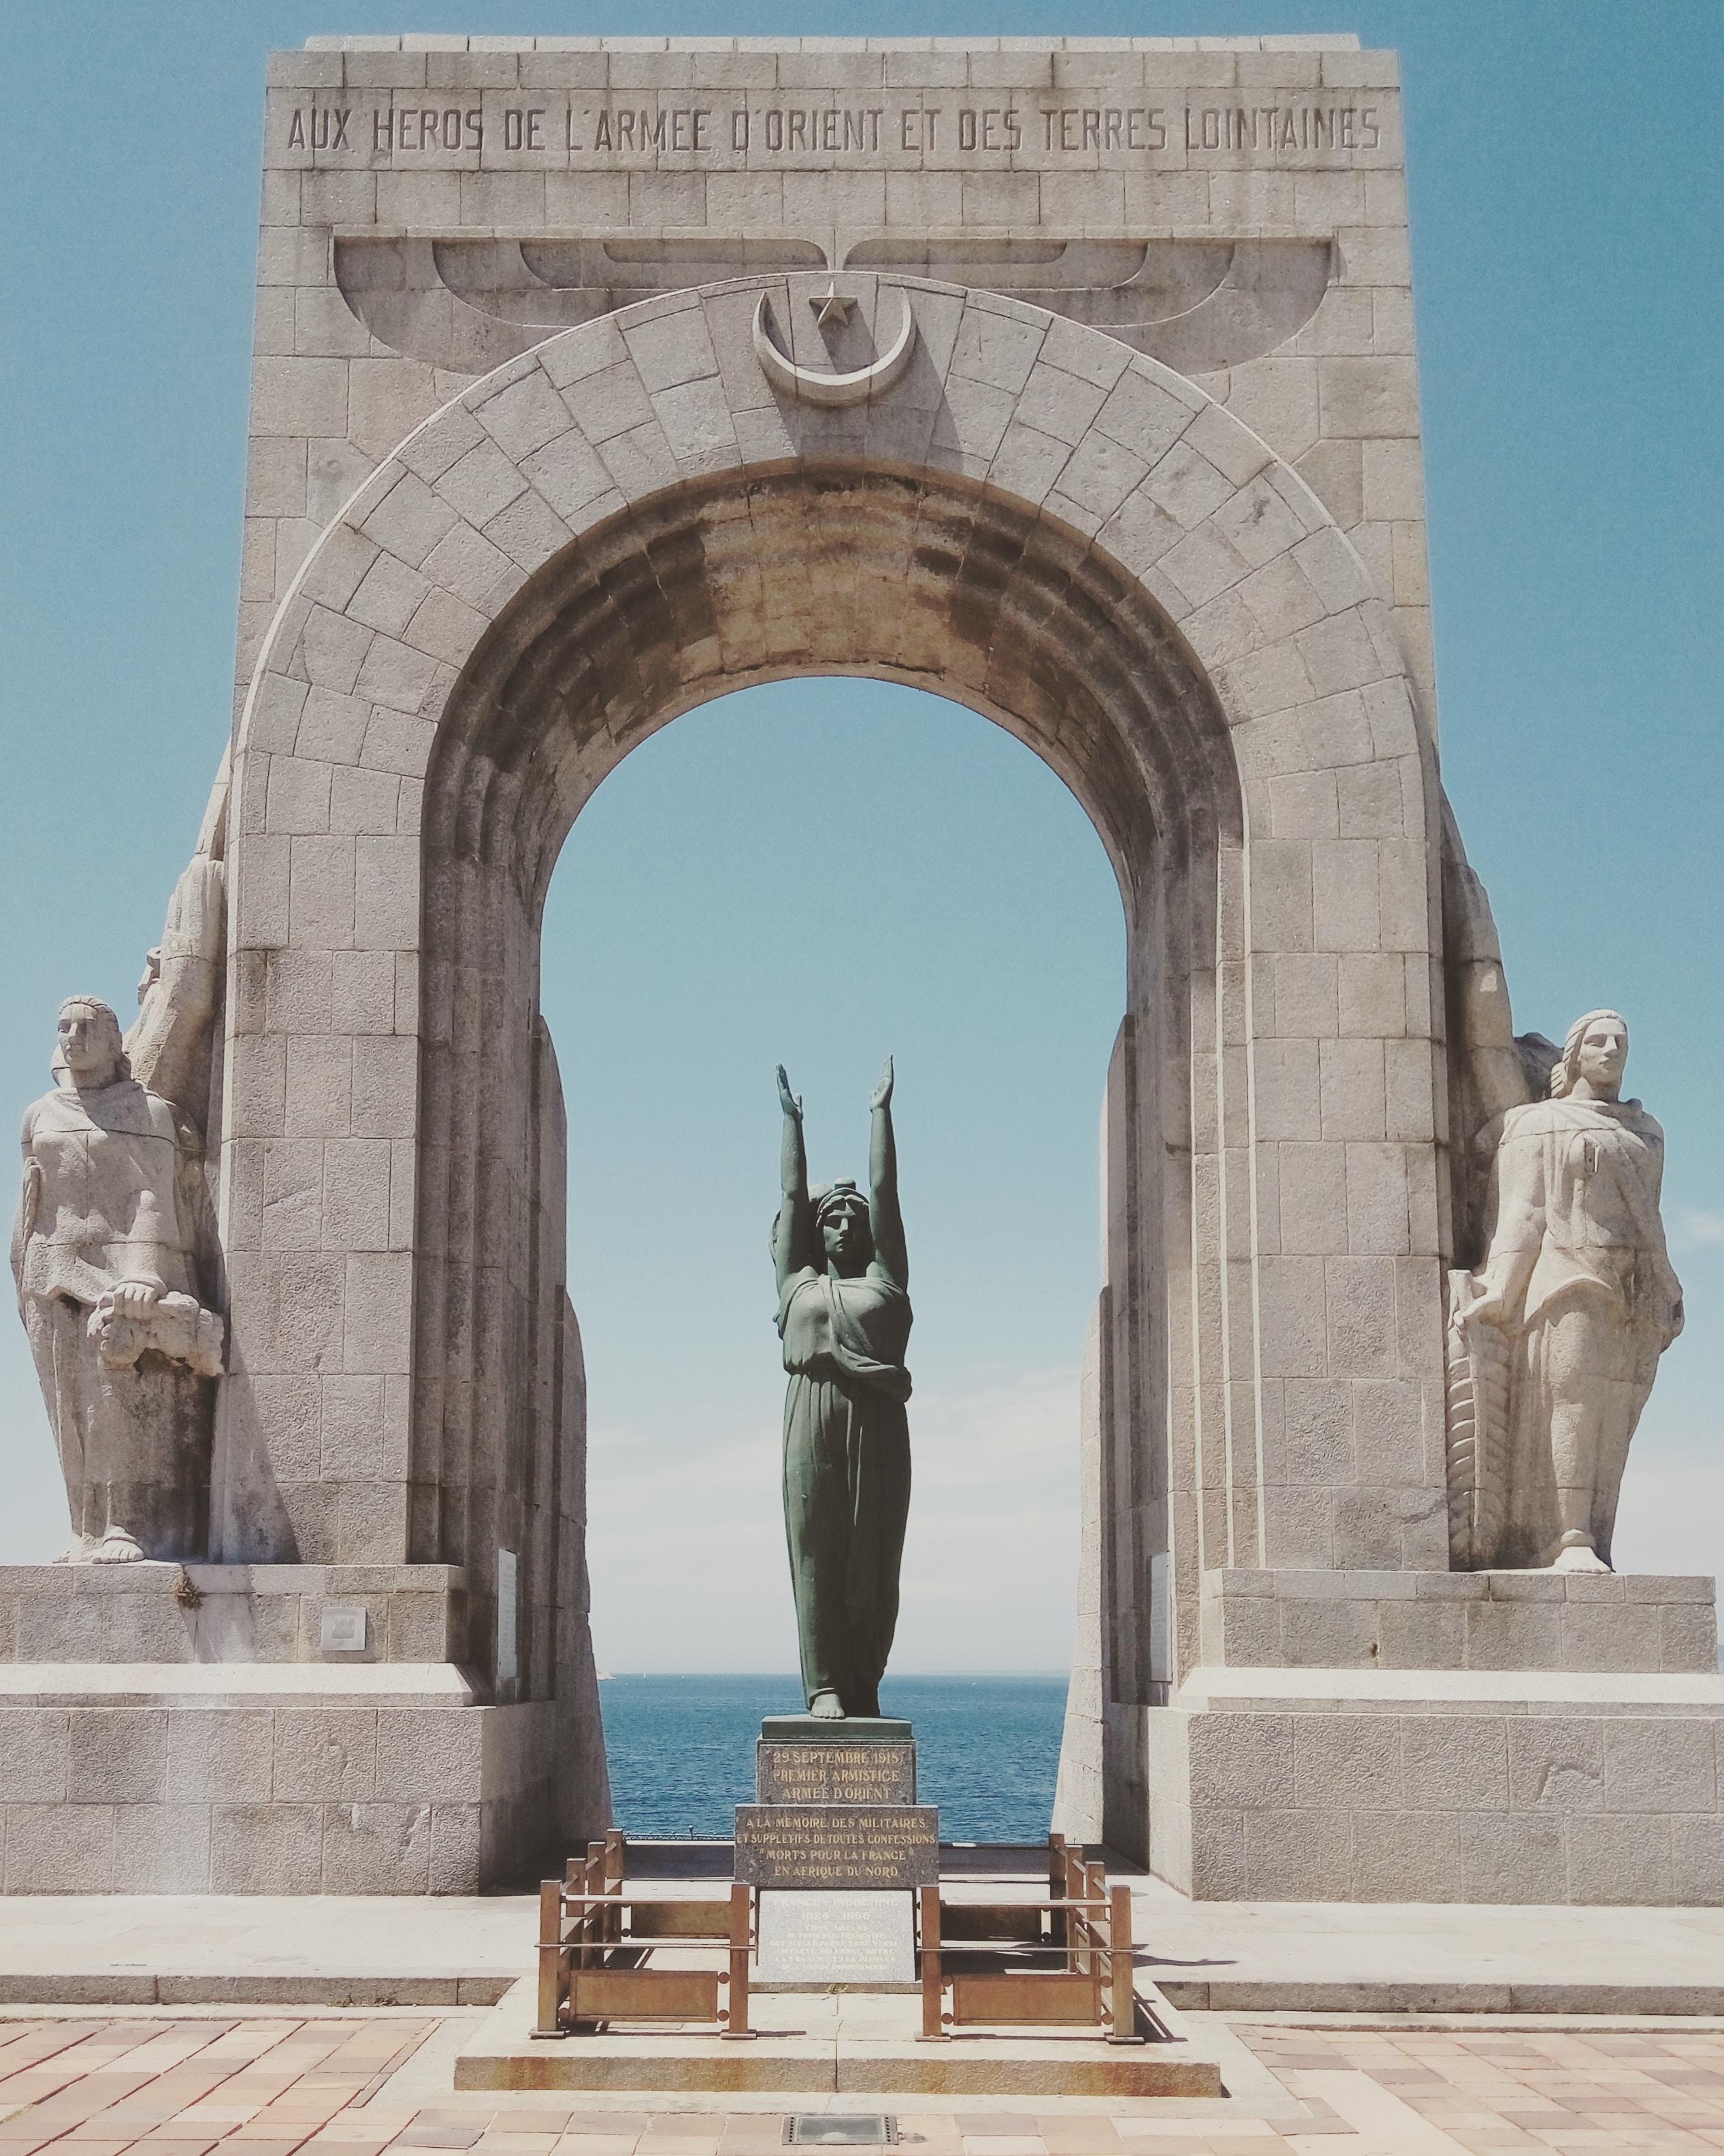 Aux Heros De L'Armee O'Orient Et Des Terres Lointaines